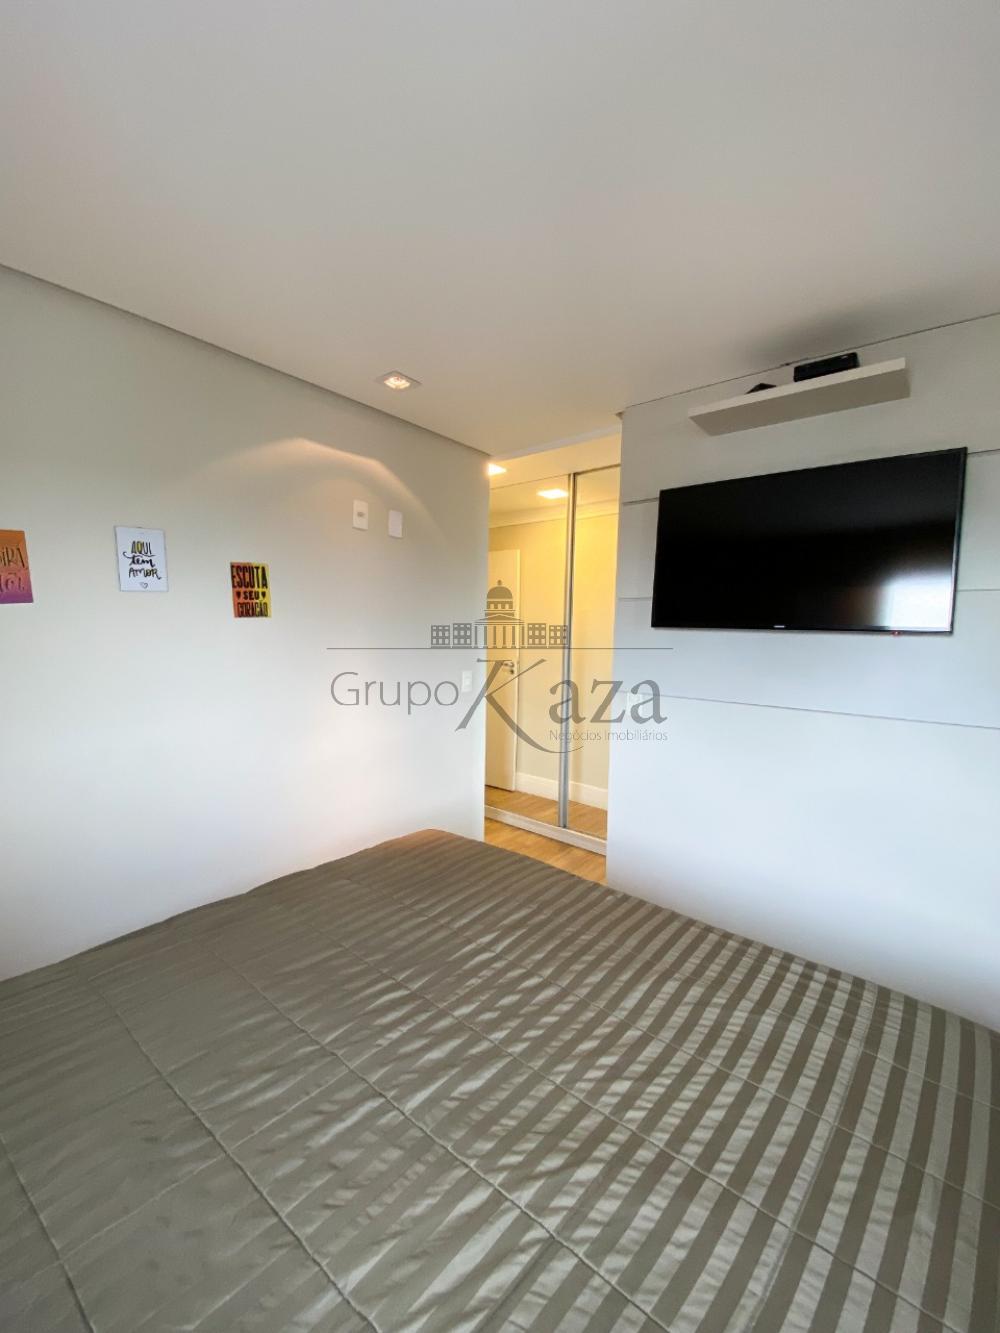 Comprar Apartamento / Padrão em São José dos Campos R$ 650.000,00 - Foto 13